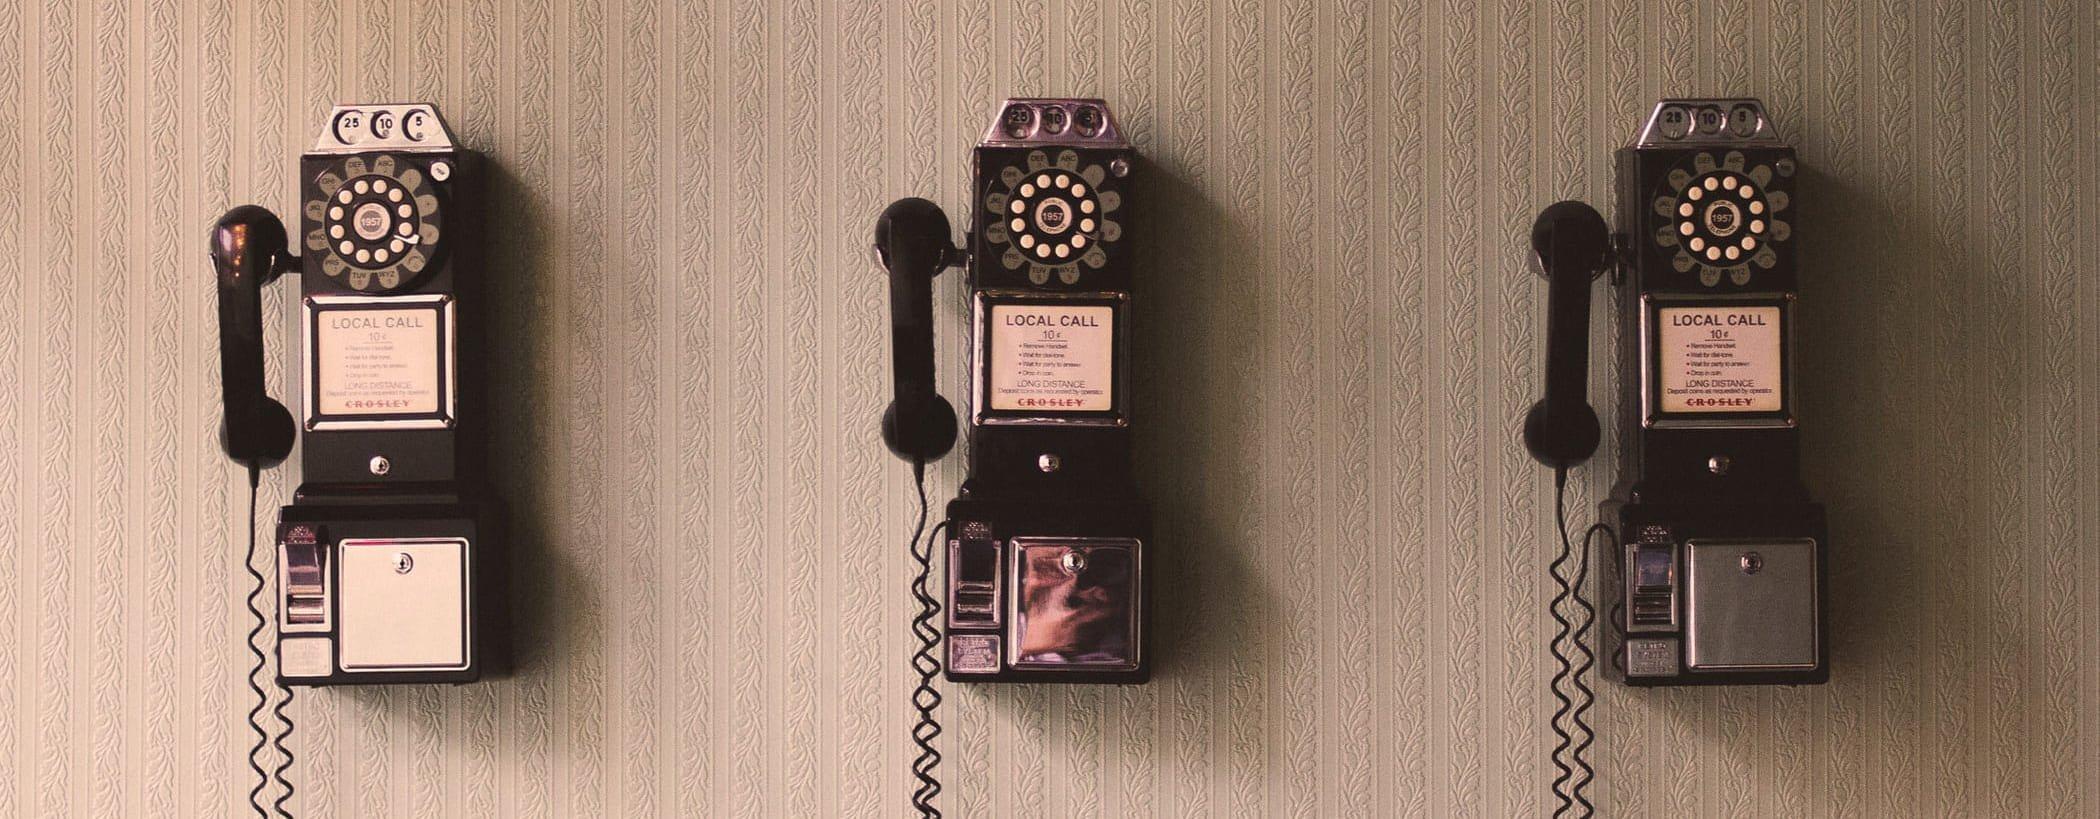 telefono vintage contacto